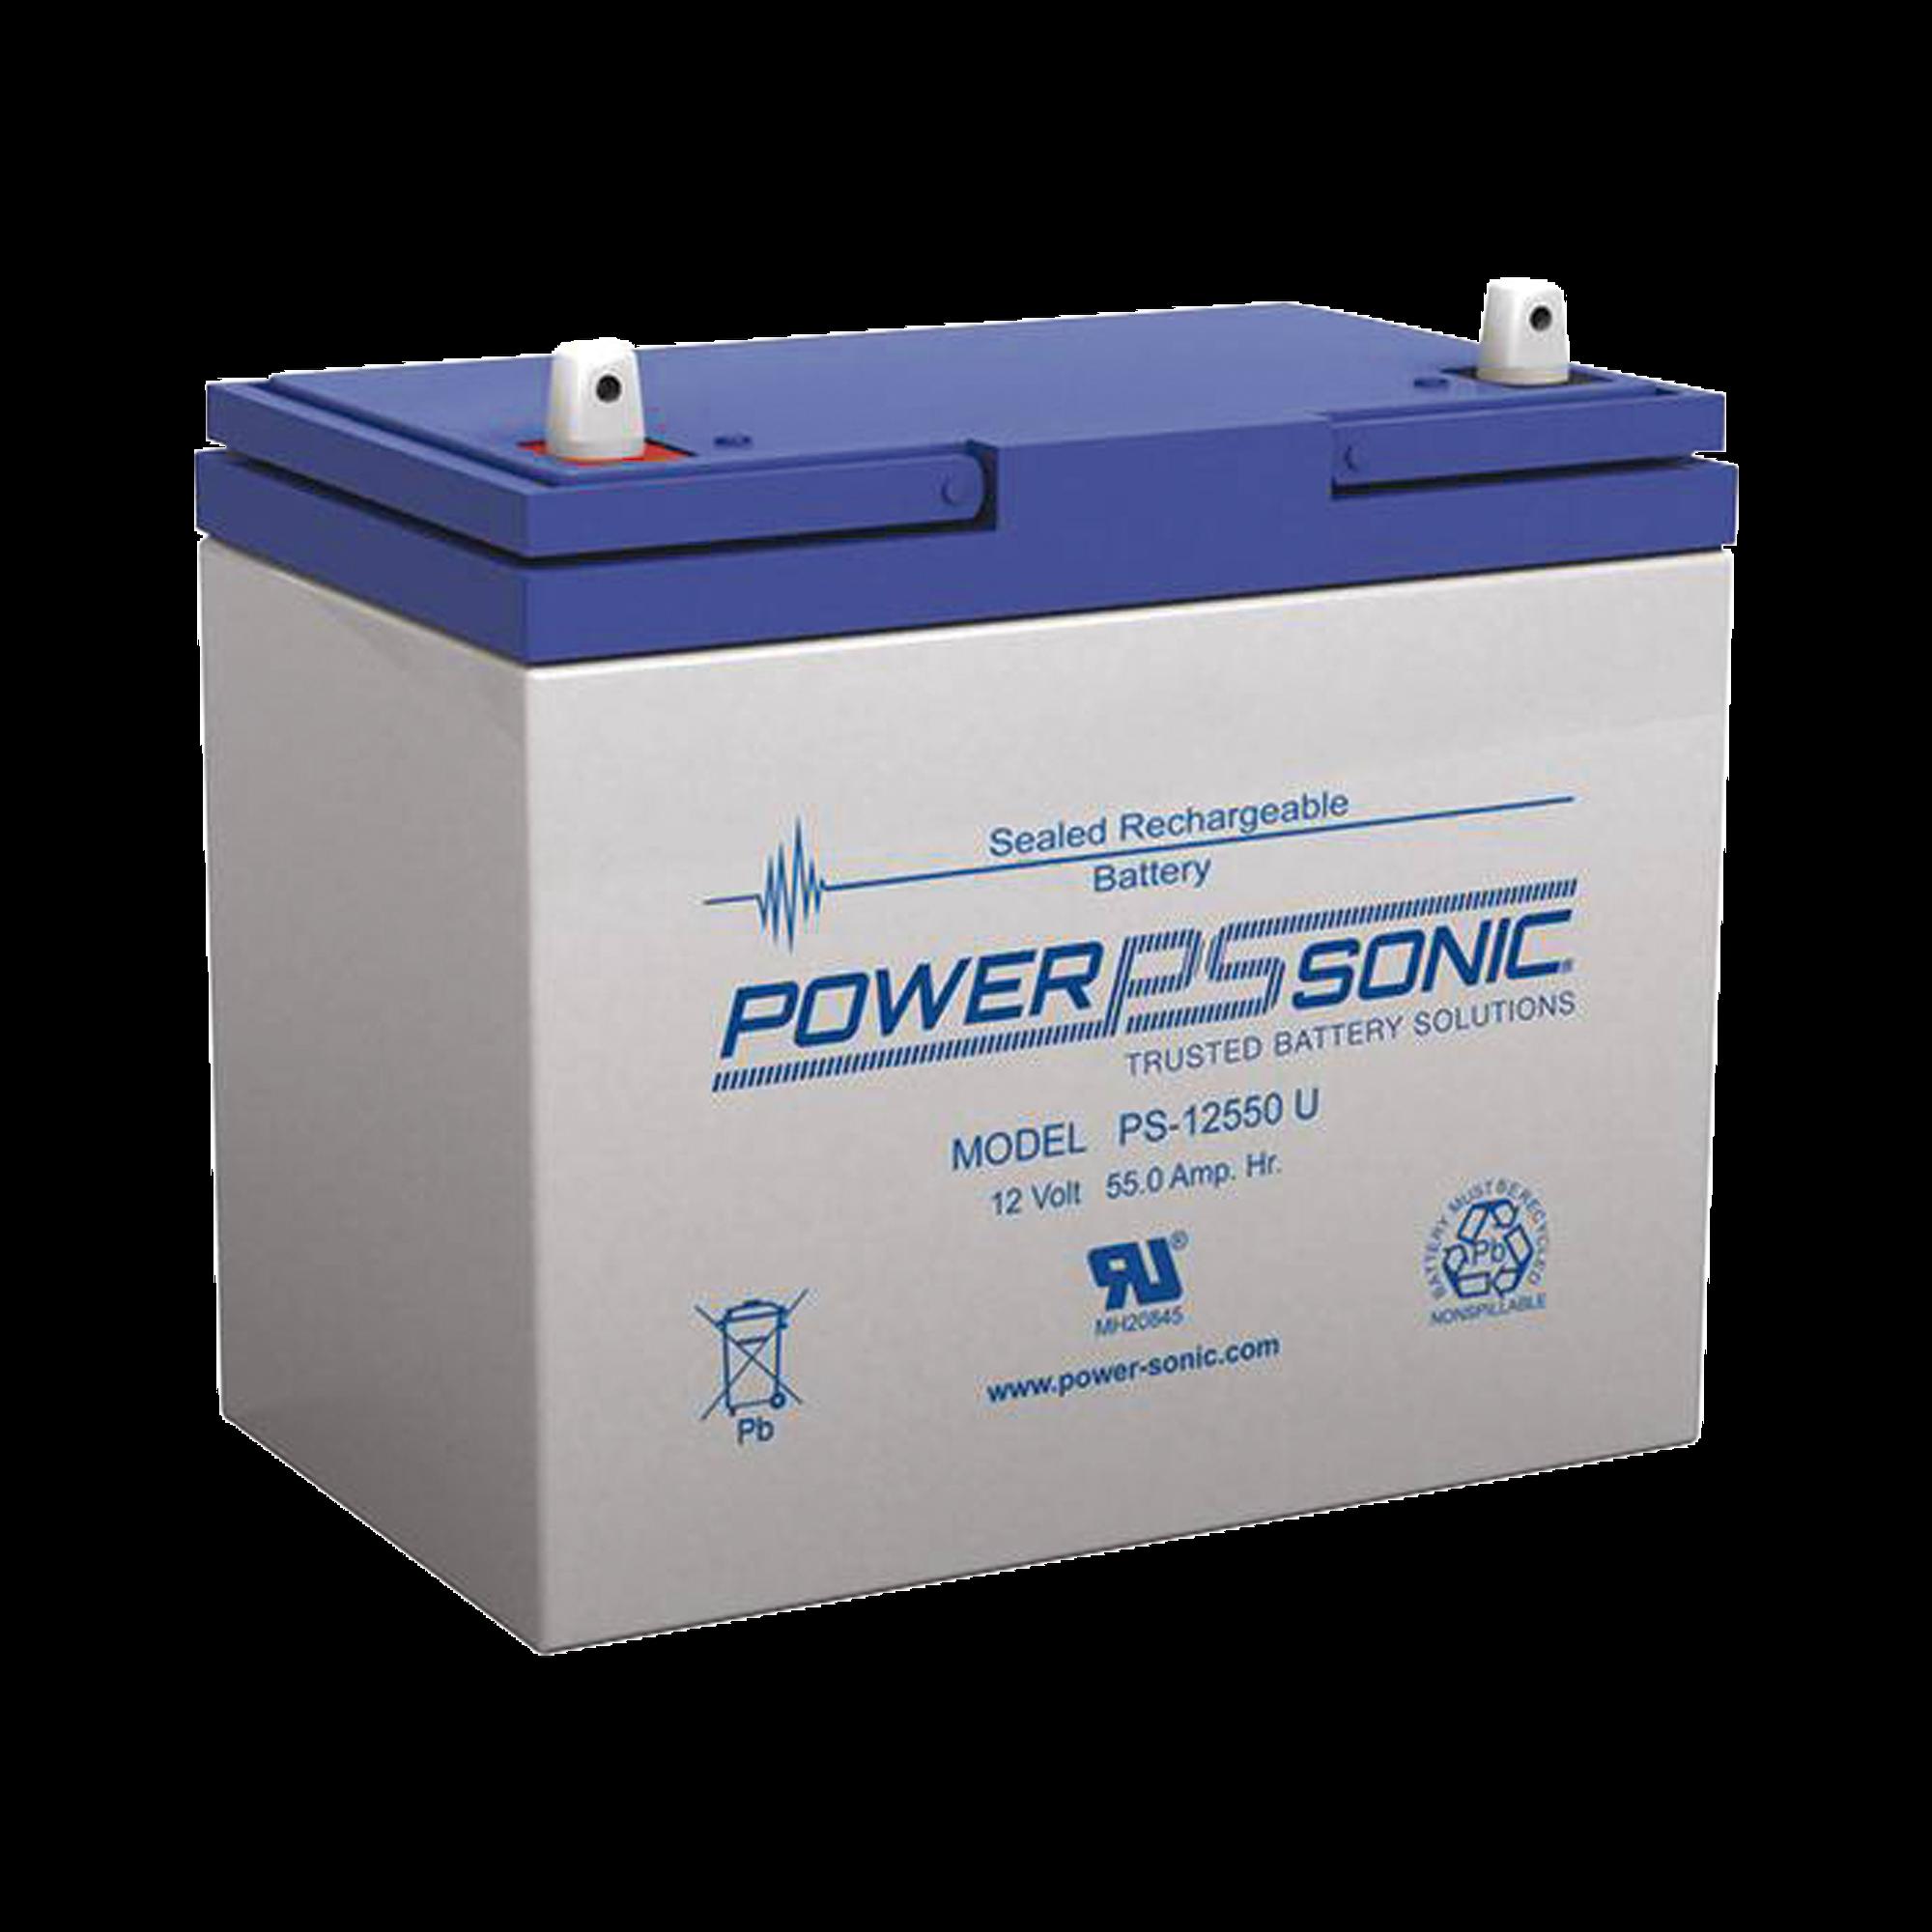 Batería de Respaldo UL de 12V 55AH, Ideal para Sistemas de Detección de Incendio, Control de Acceso, Intrusión y Videovigilancia